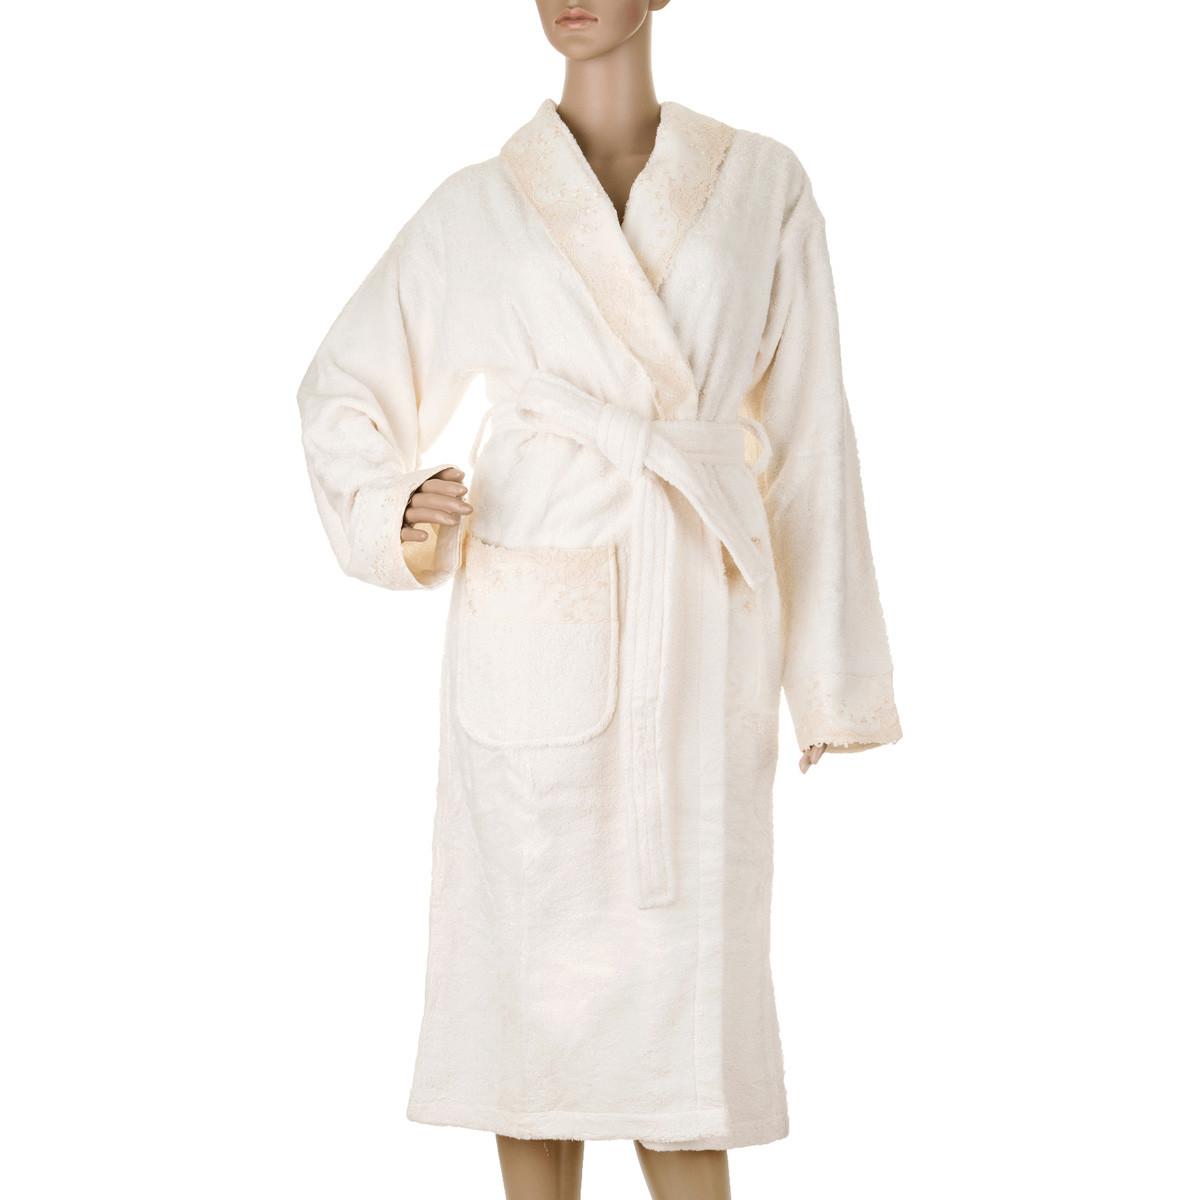 Сауны, бани и оборудование Santalino Халат Alured (L-xL) сауны бани и оборудование primavelle халат smile цвет персиковый m l